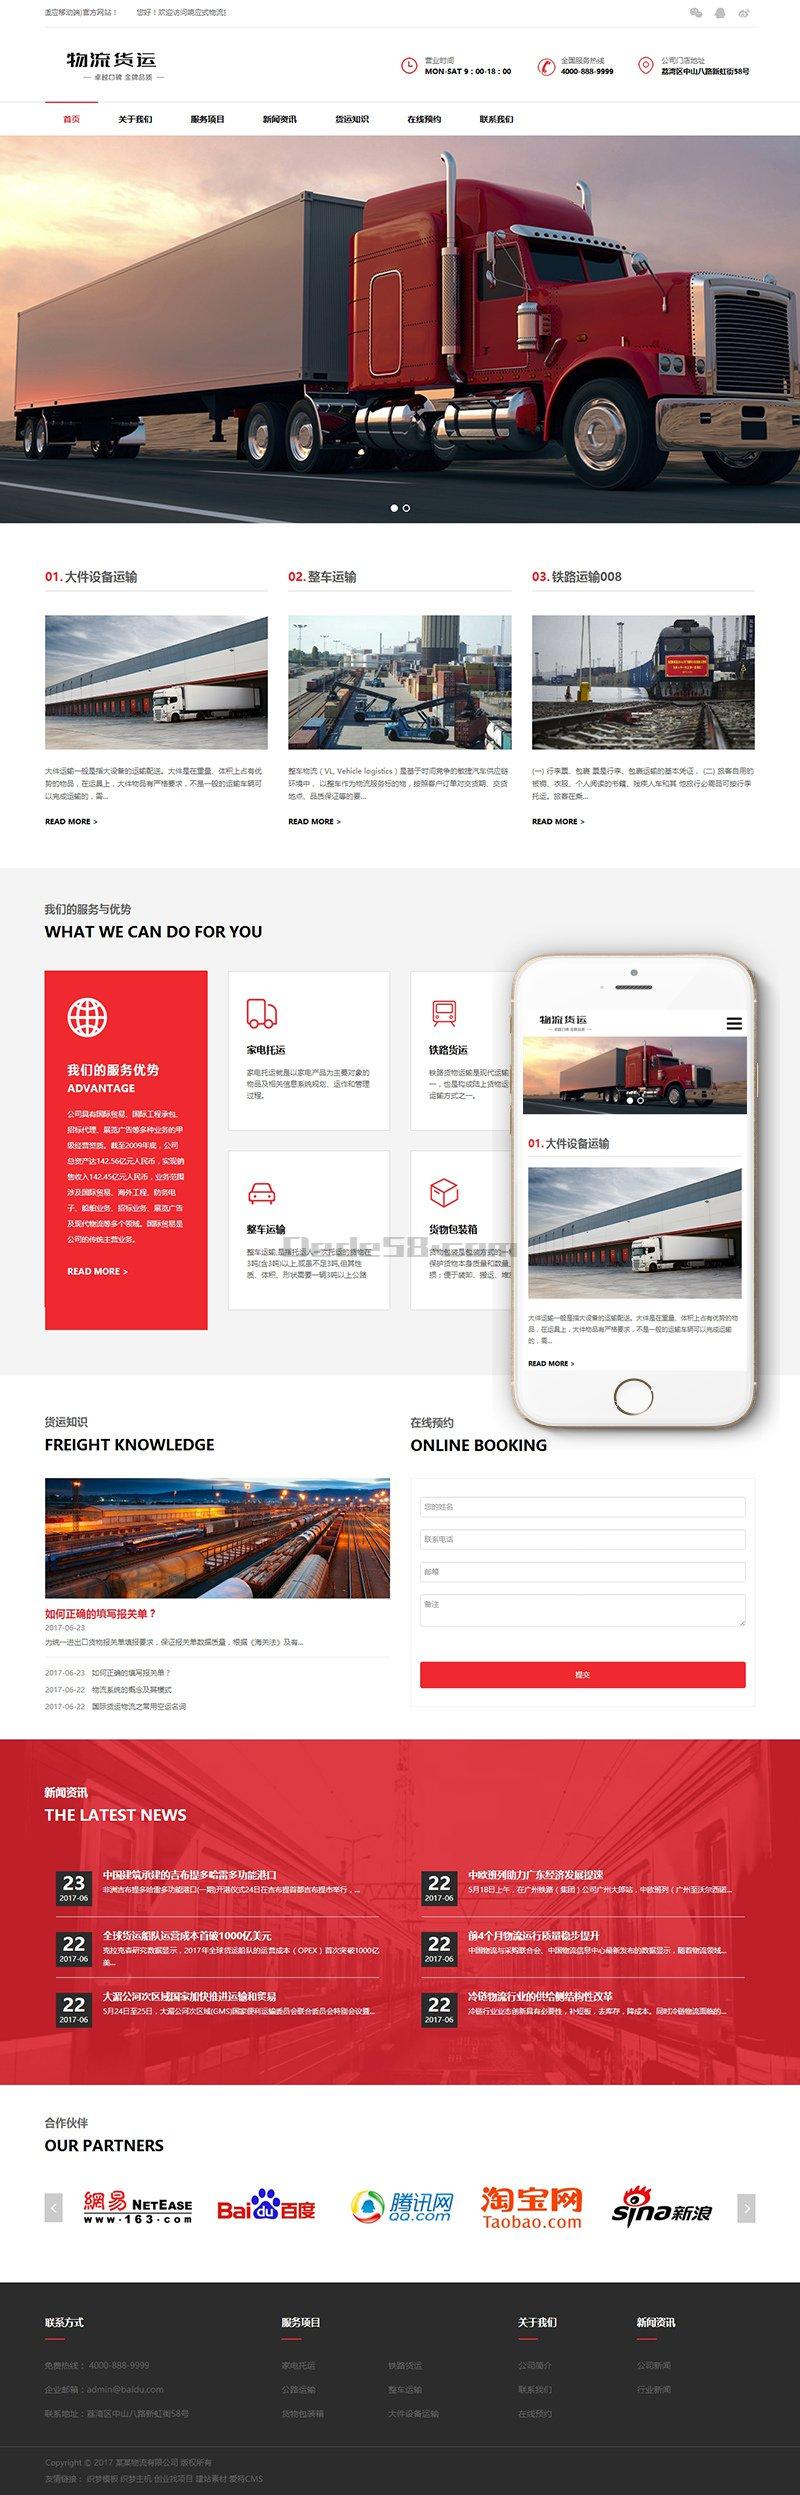 织梦dedecms自响应式物流货运货物运输服务企业网站模板带手机移动端